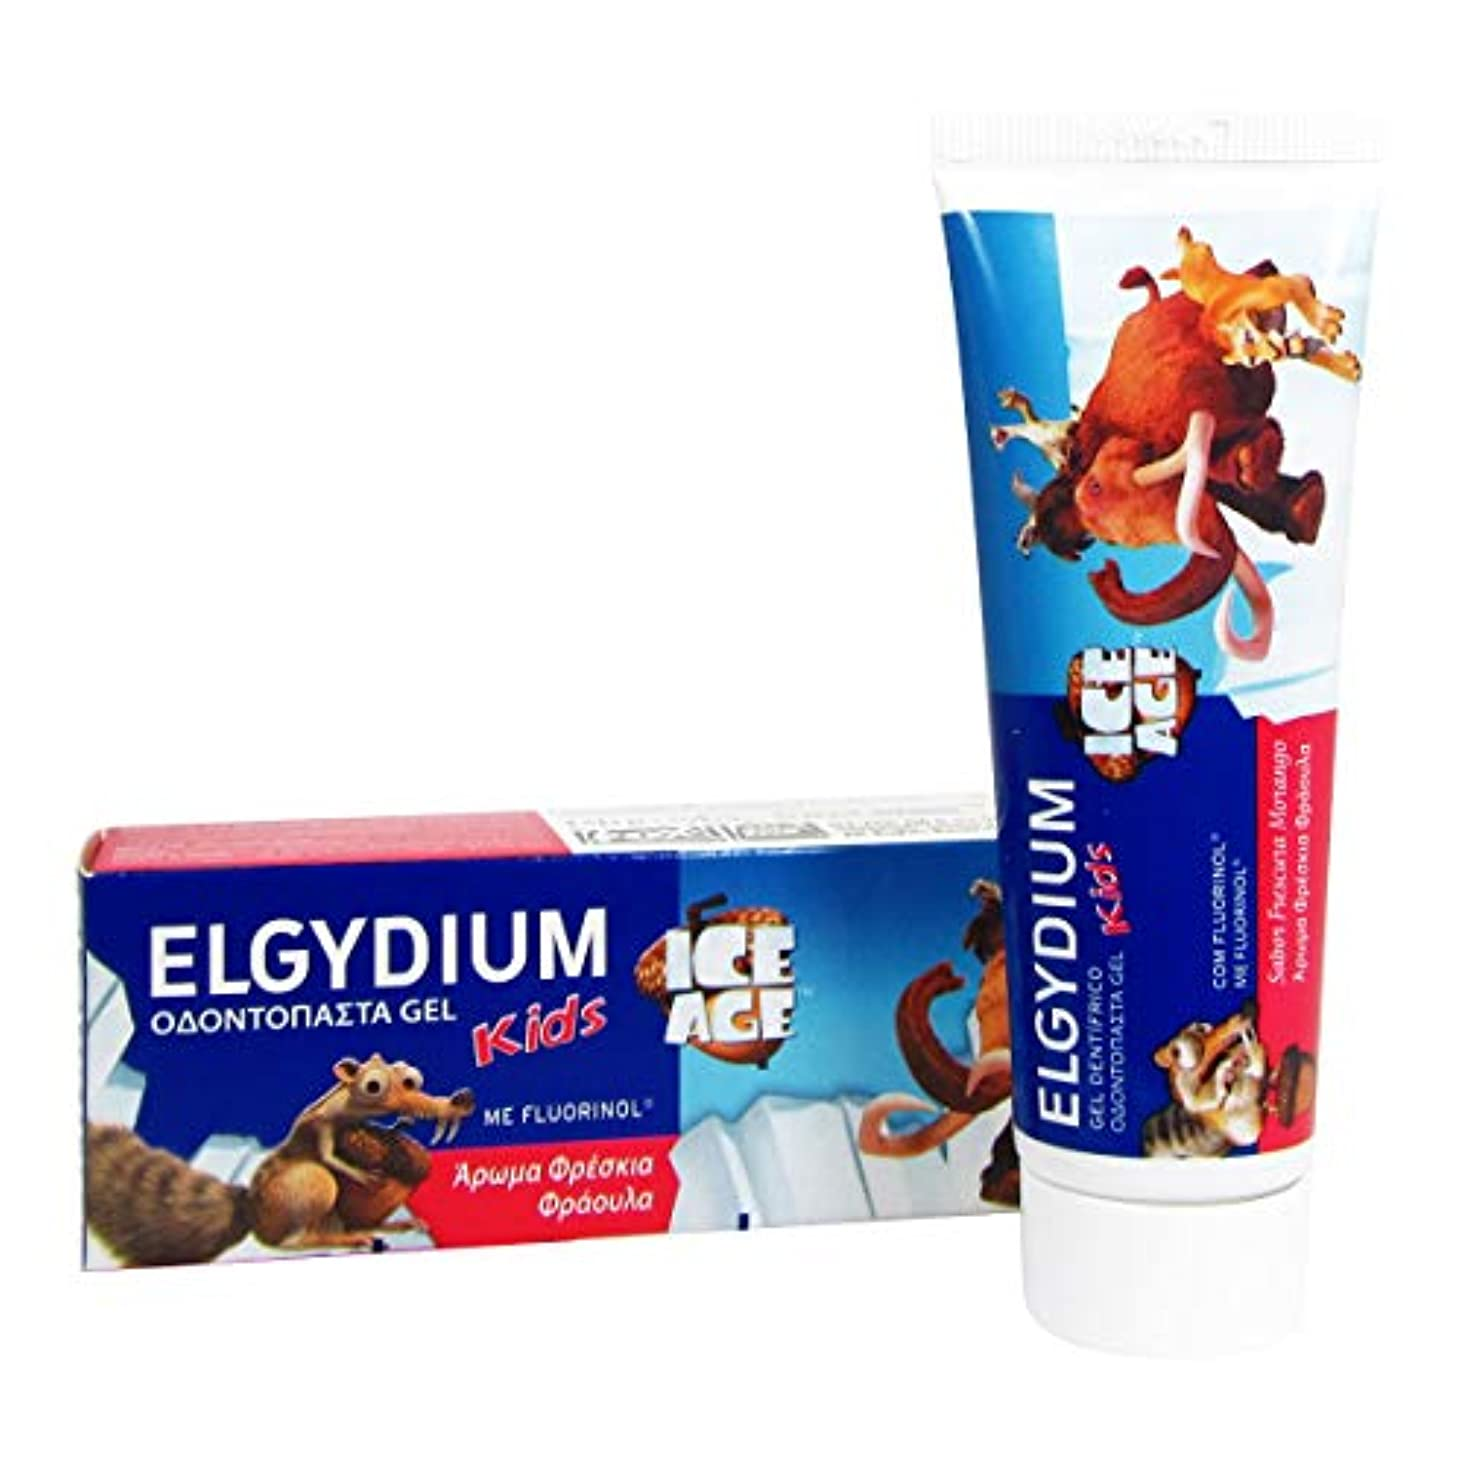 十年養うスロベニアElgydium Kids Ice Age Toothpaste Toothpaste Gel 50ml [並行輸入品]